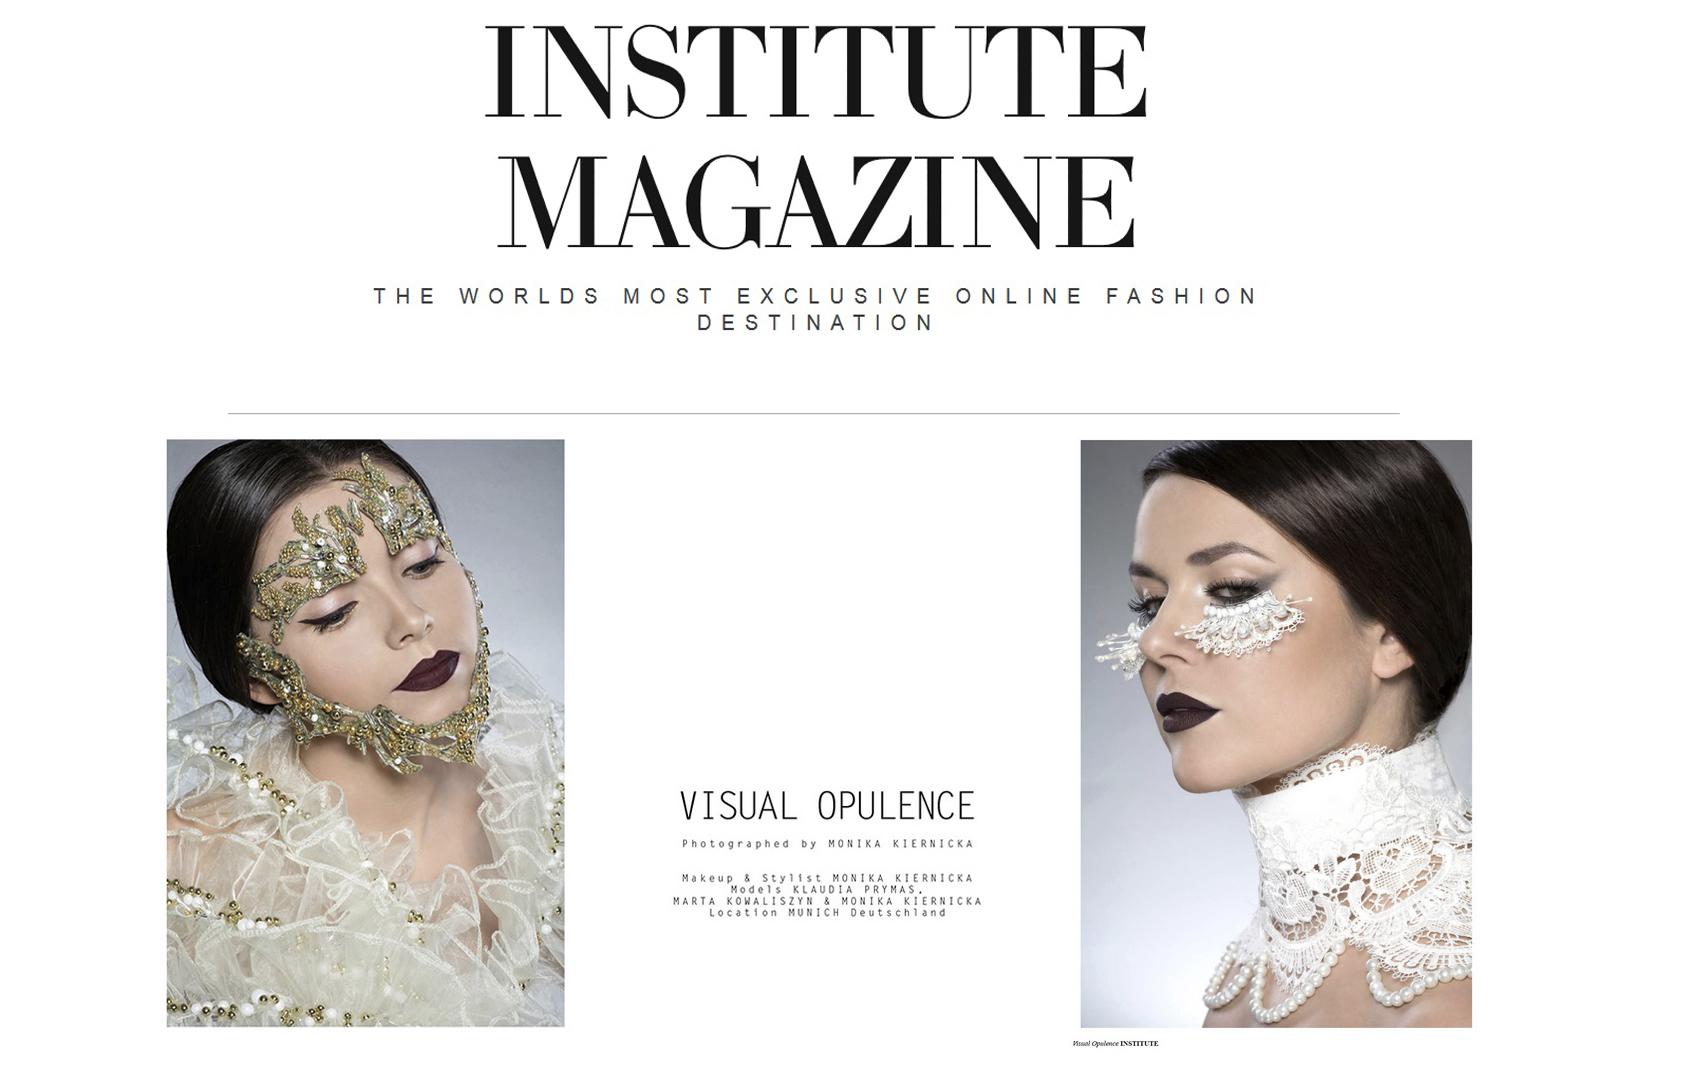 Institute Magazine 04/2016